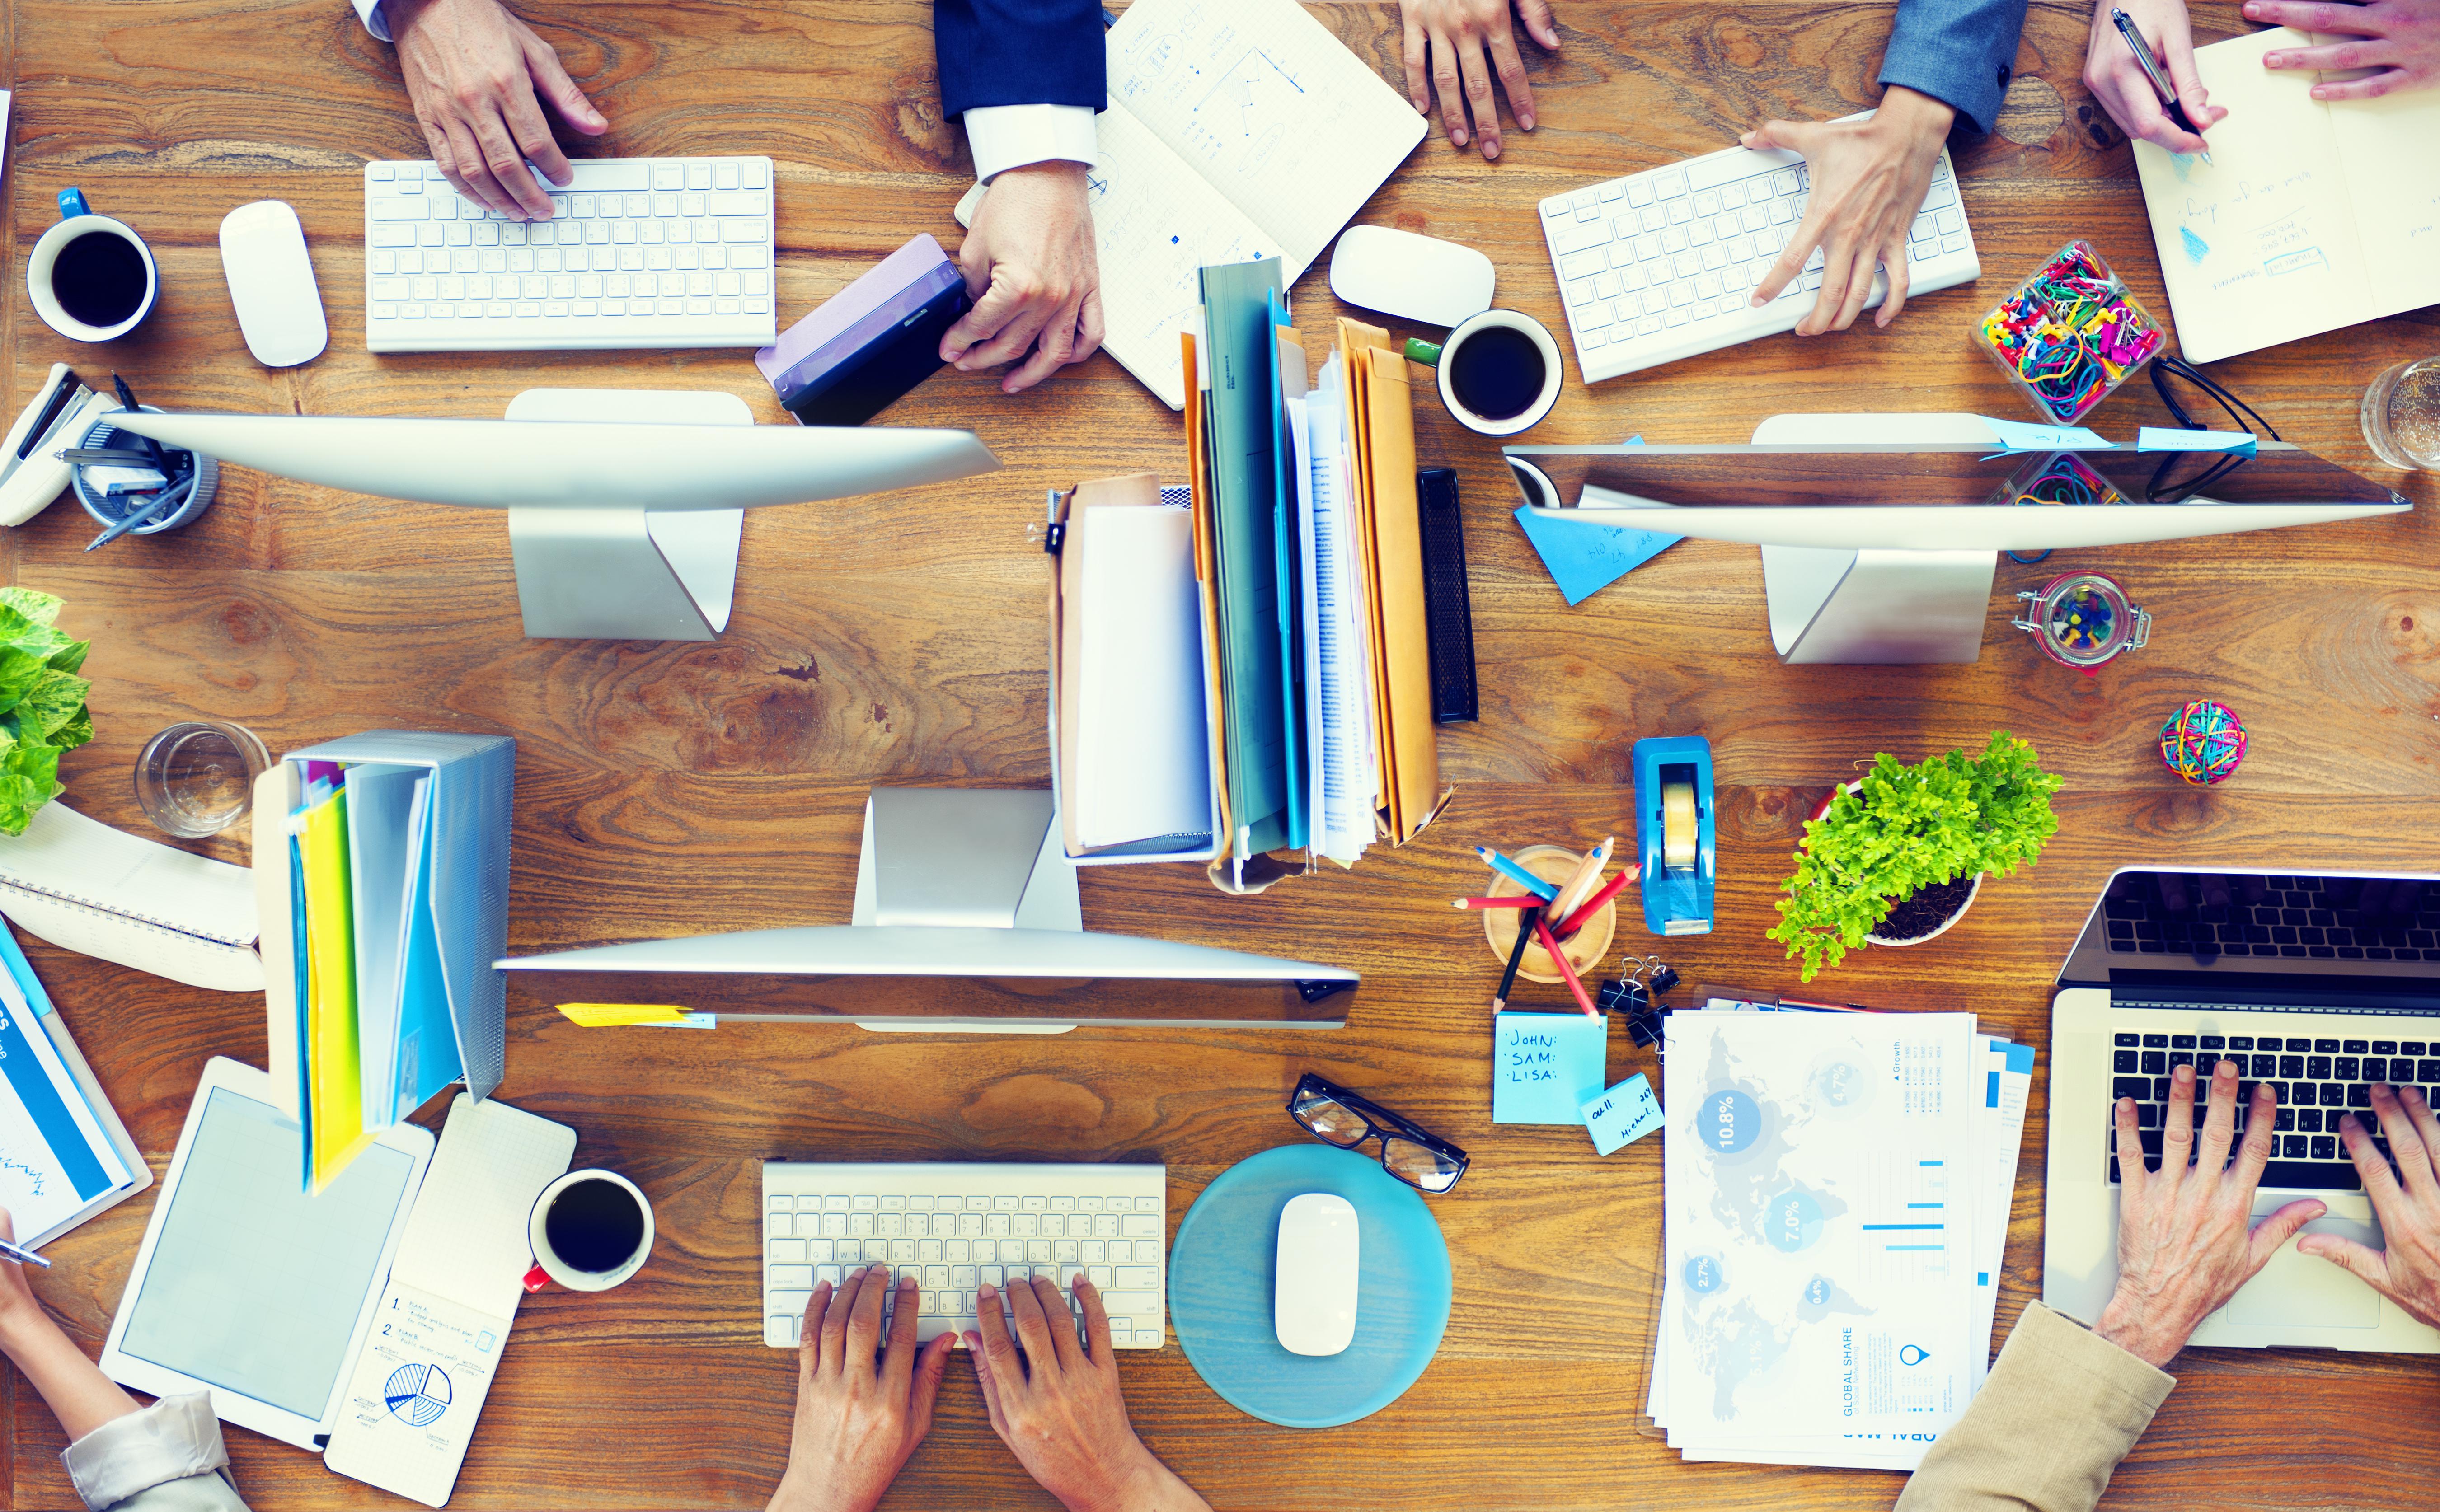 παραγωγικότητα και οργάνωση.